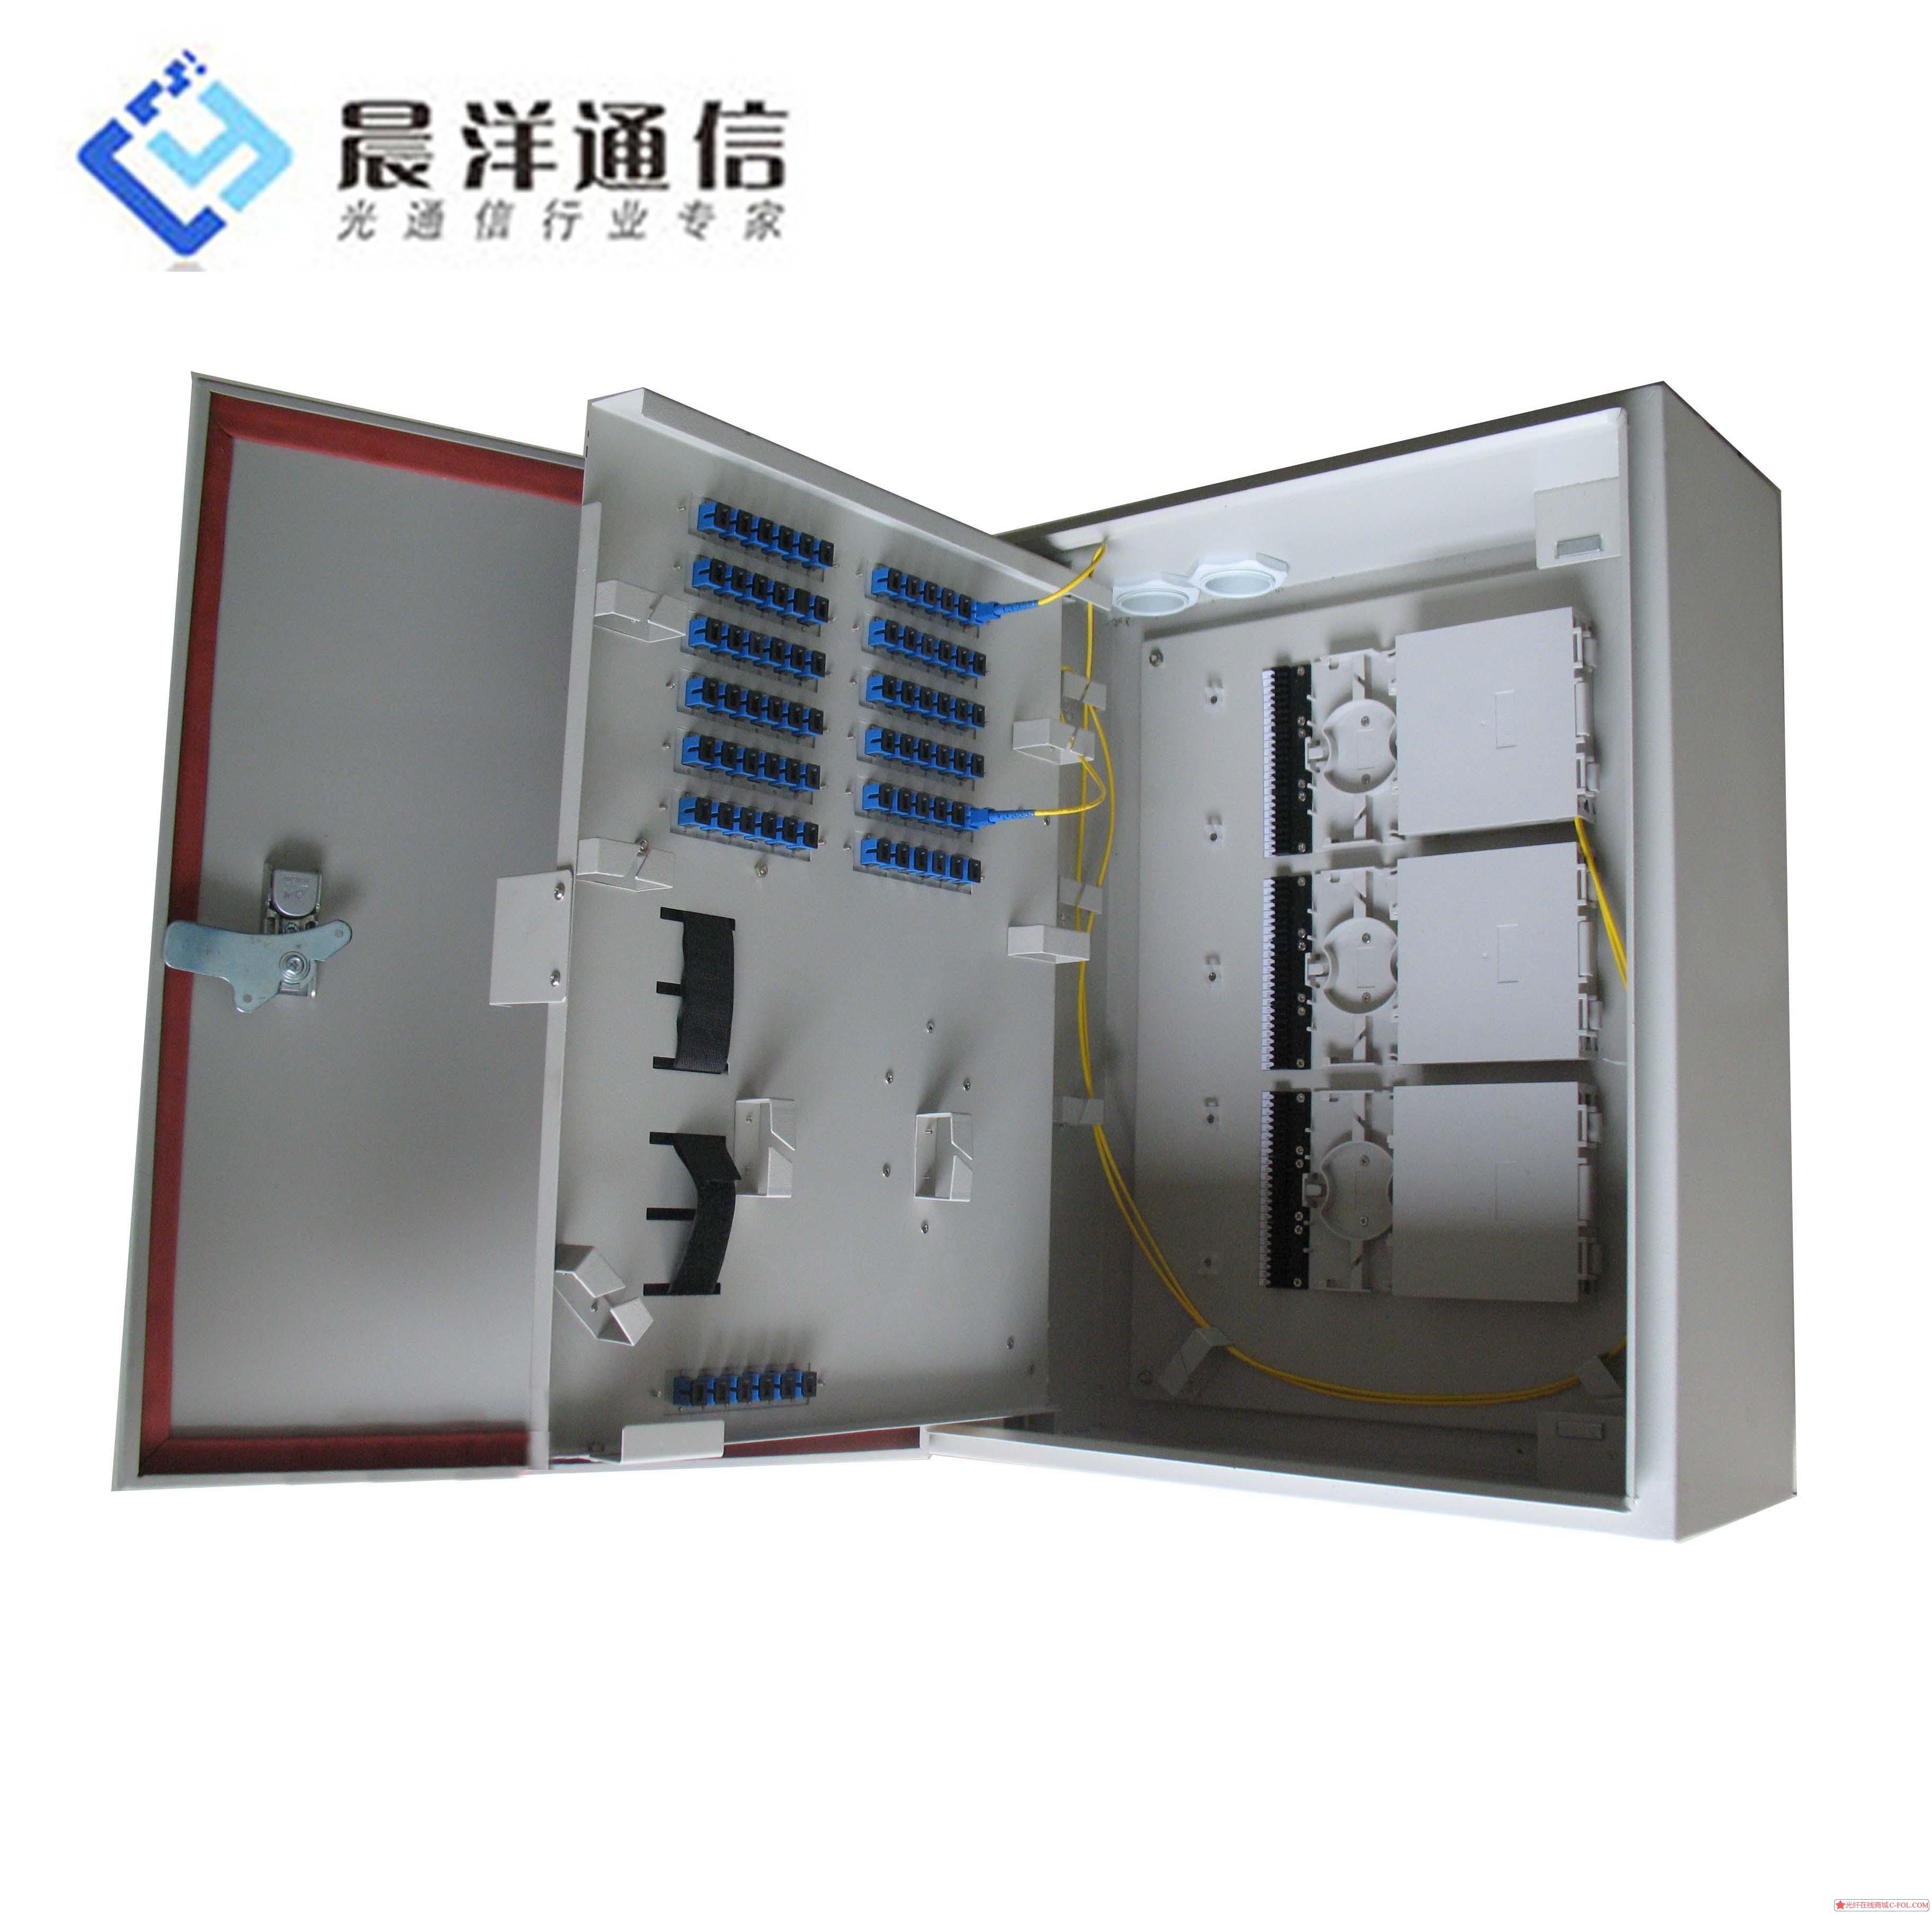 挂墙式72口金属分光箱 冷、热熔接、分光、配线